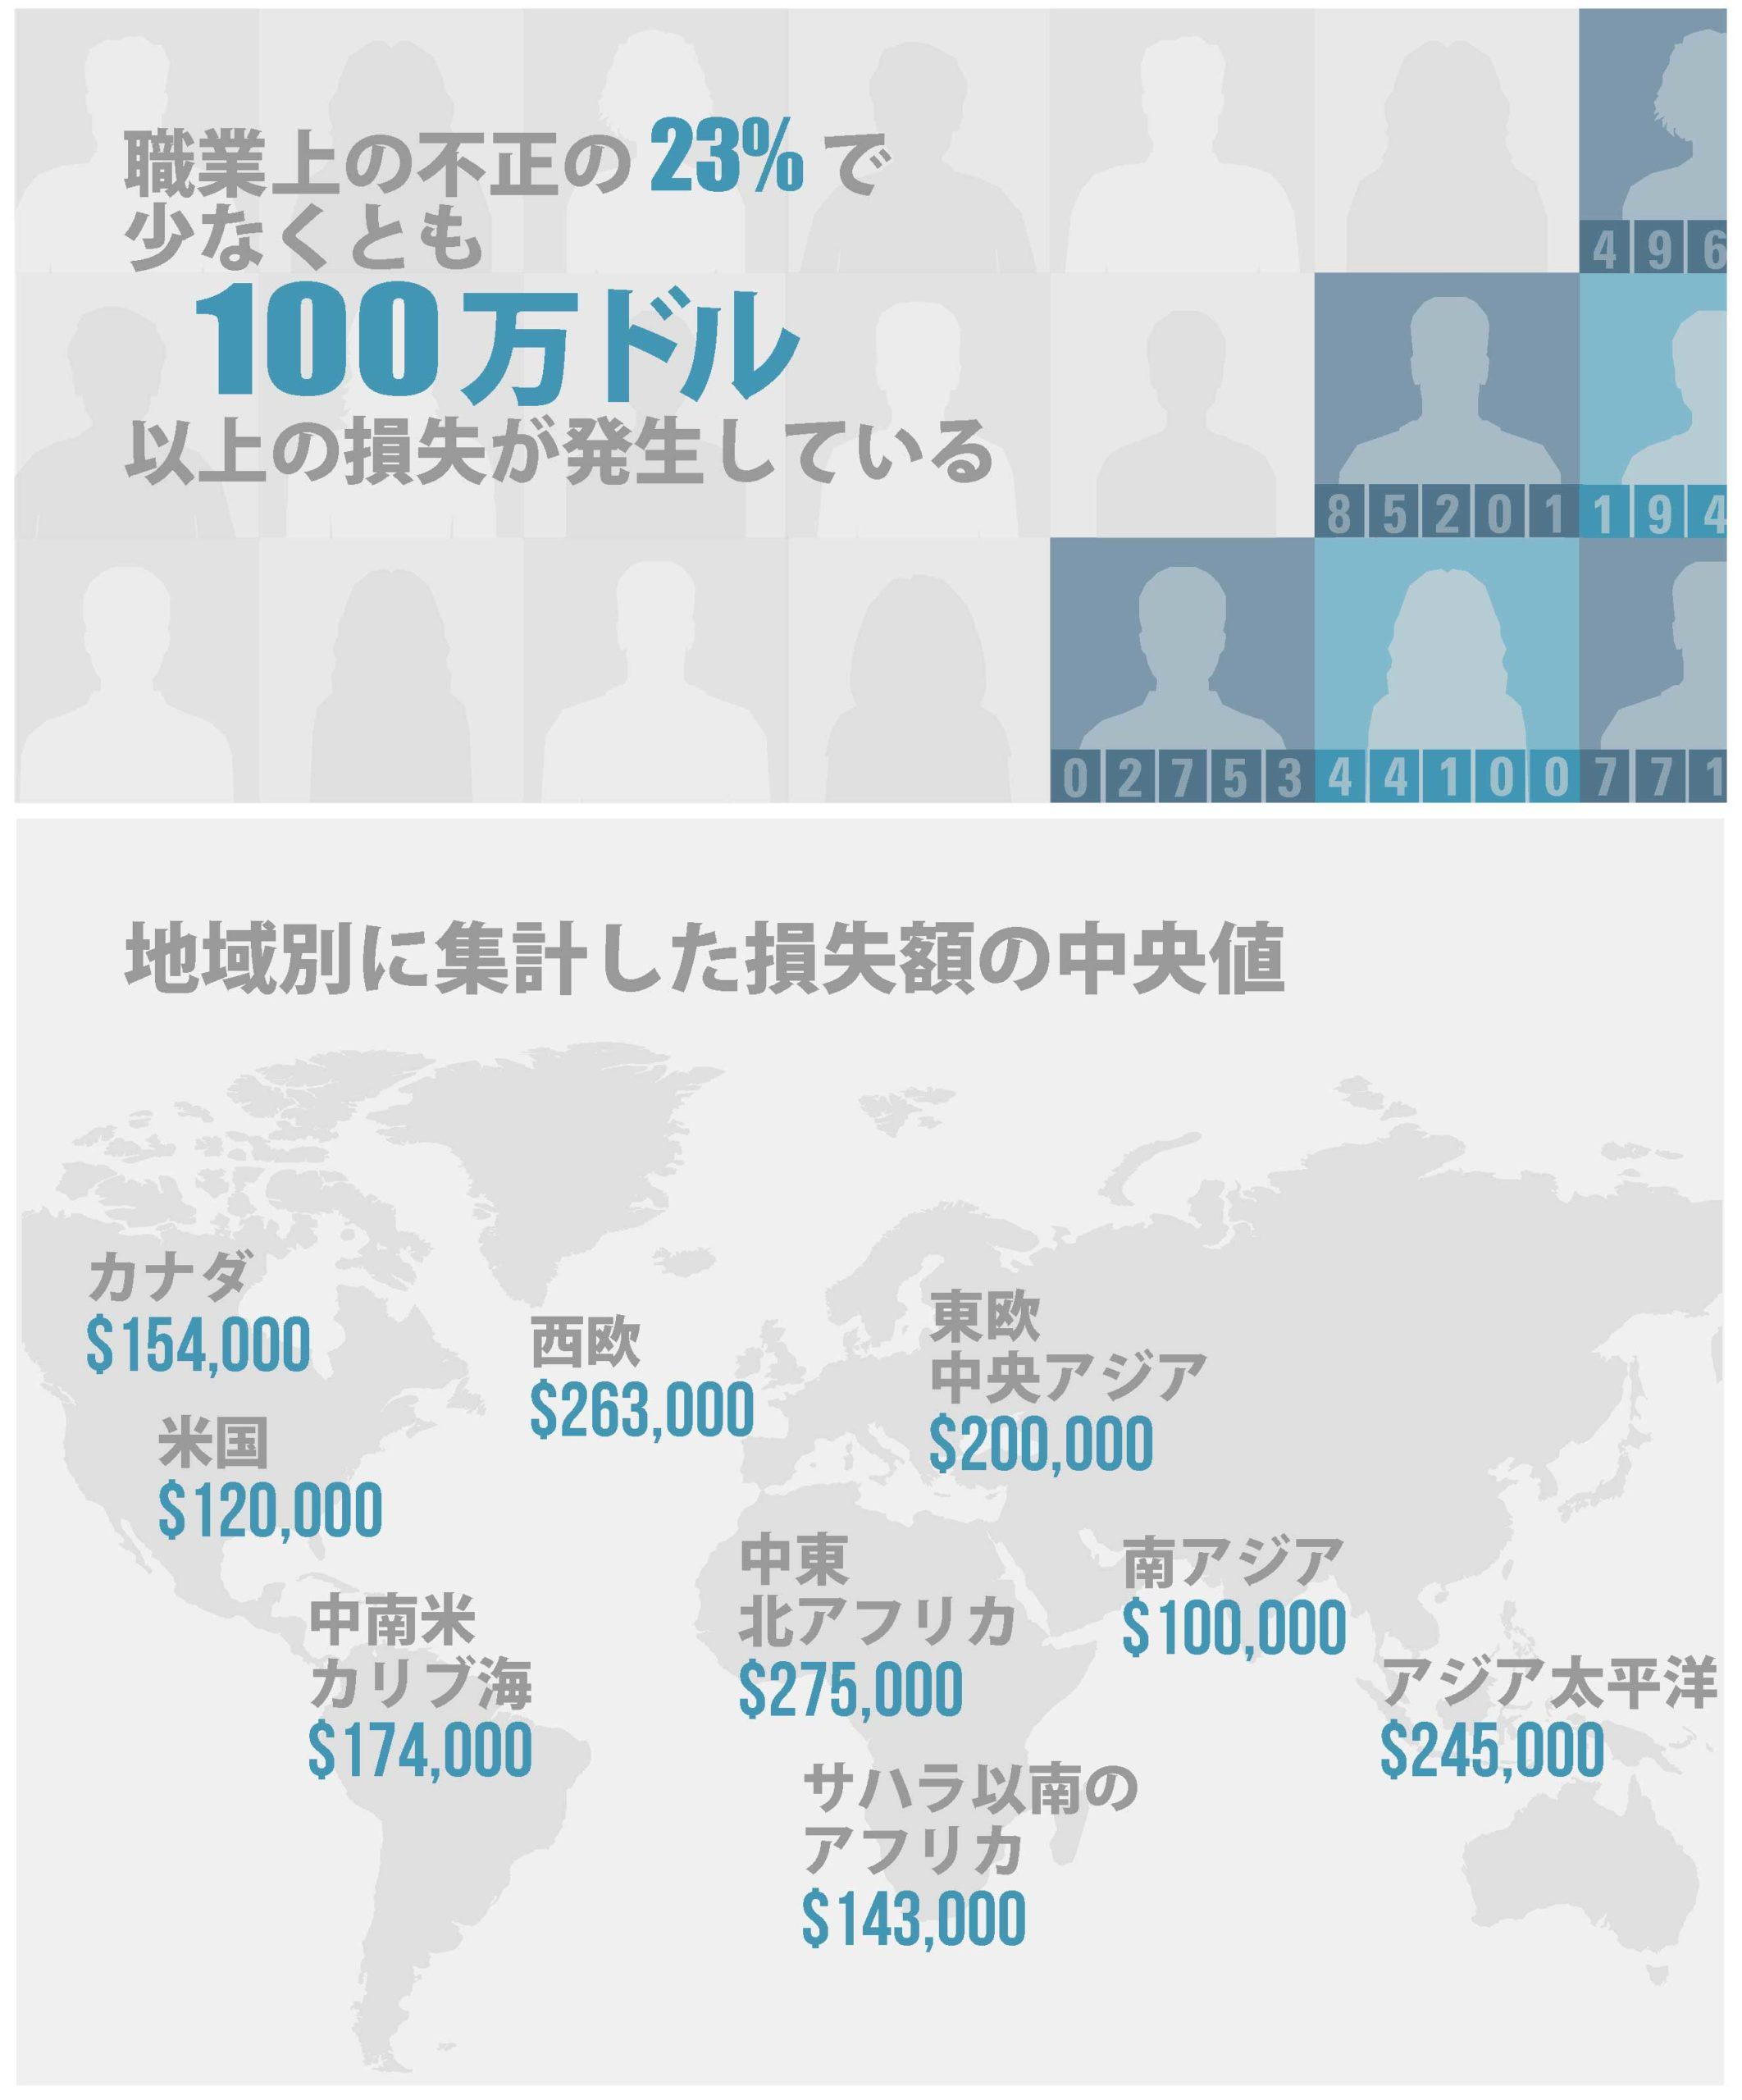 最新米国トピックス:[INFOGRAPHIC] The Staggering Cost of Fraud (不正の損失額は驚異的である)